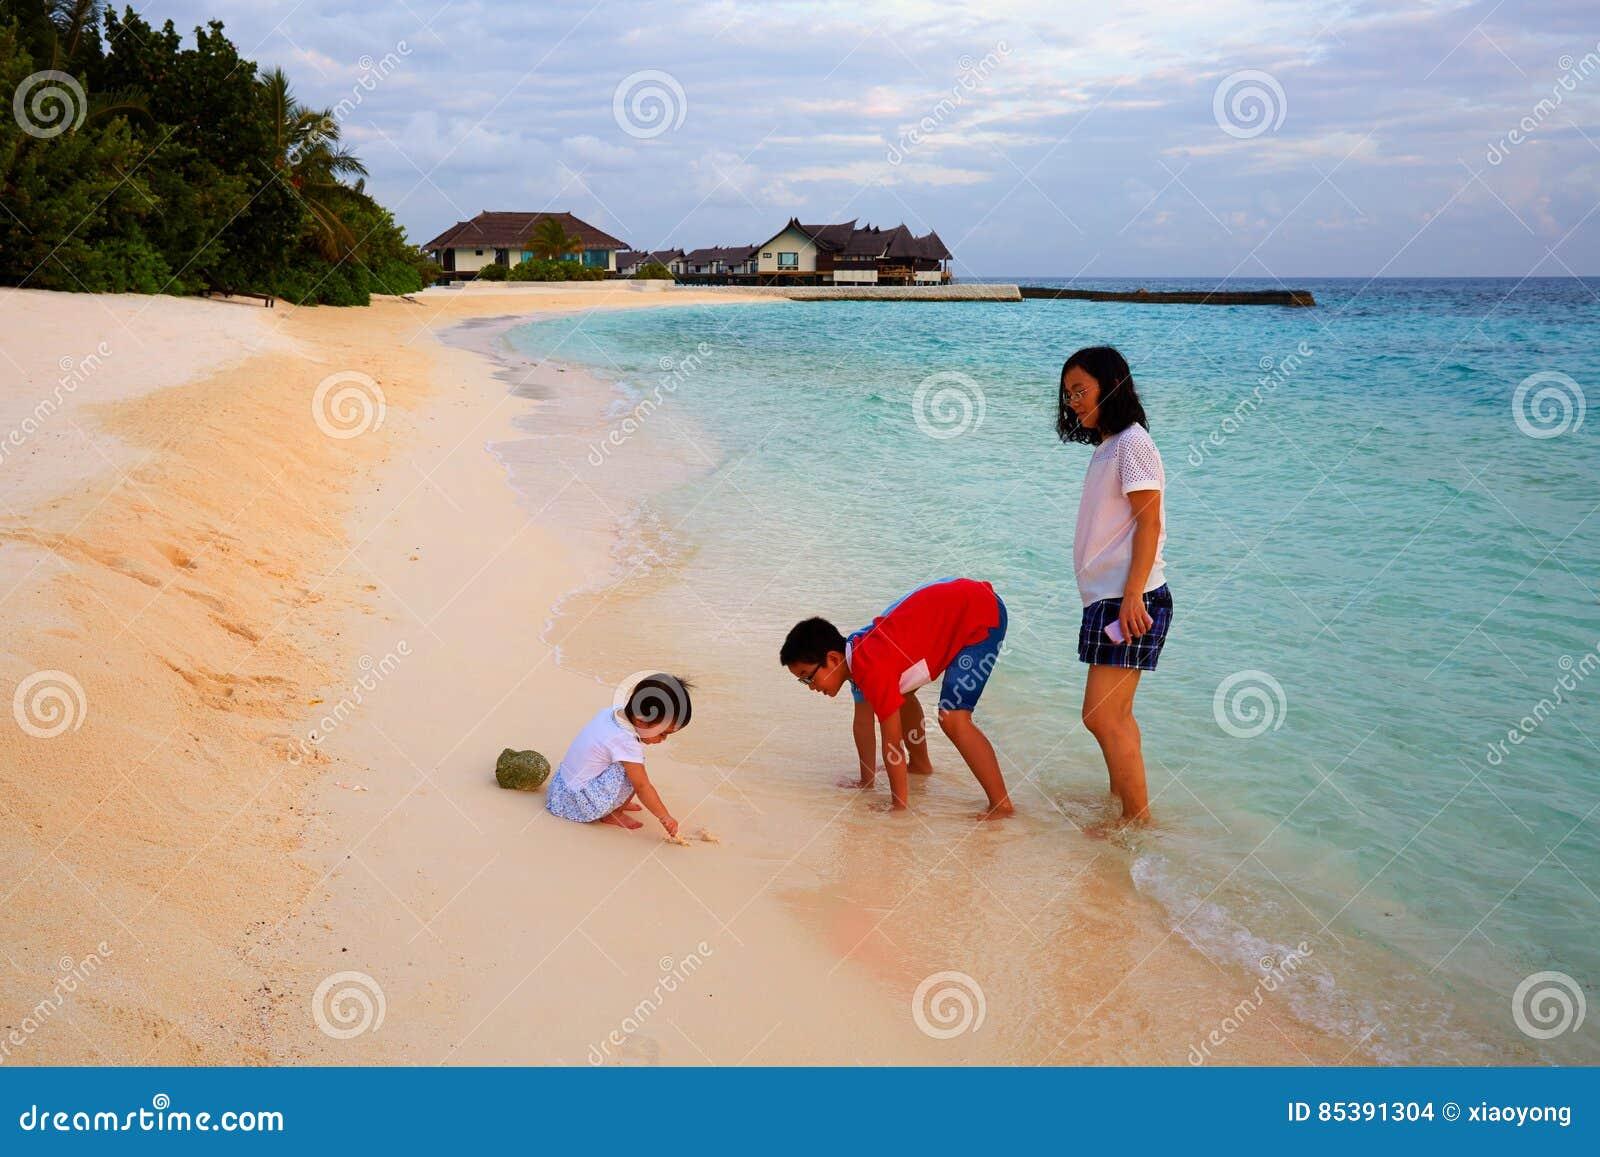 Family vacation, Maldives